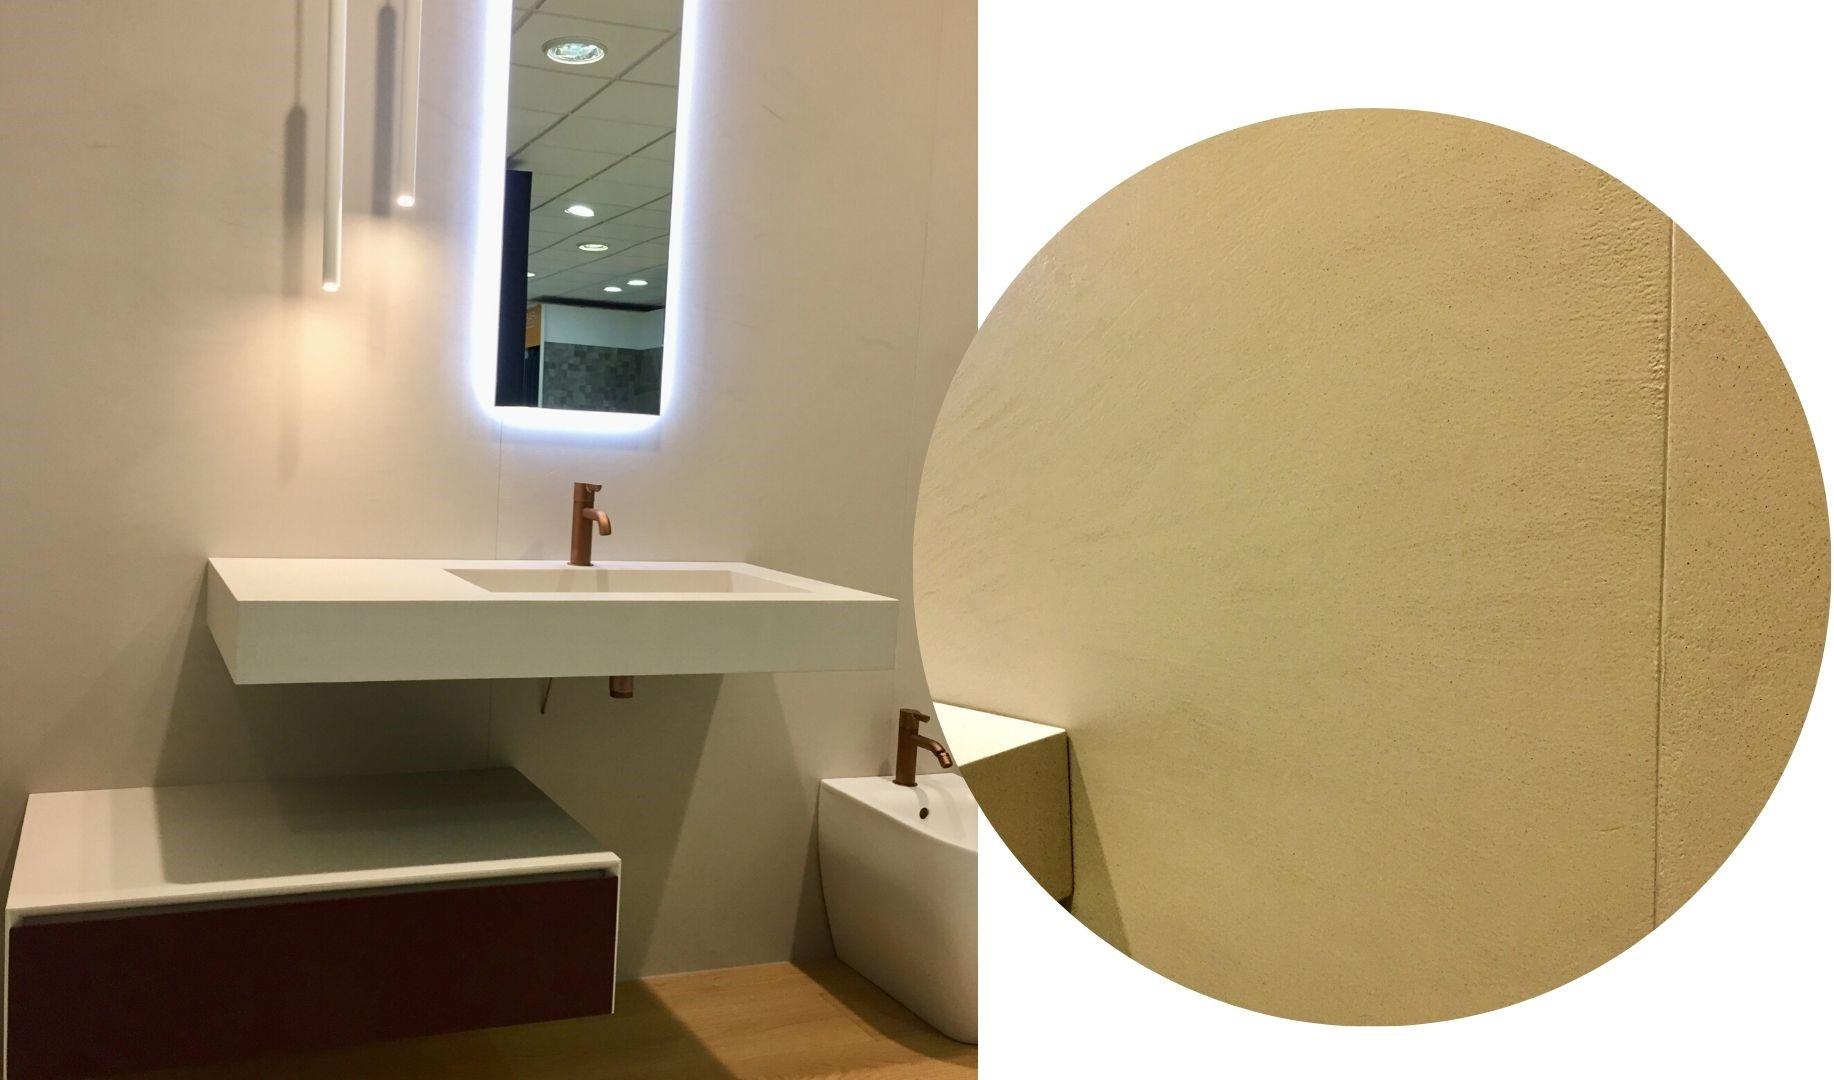 Wallcover Pannelli Decorativi a basso spessore fuga | Ecoover®